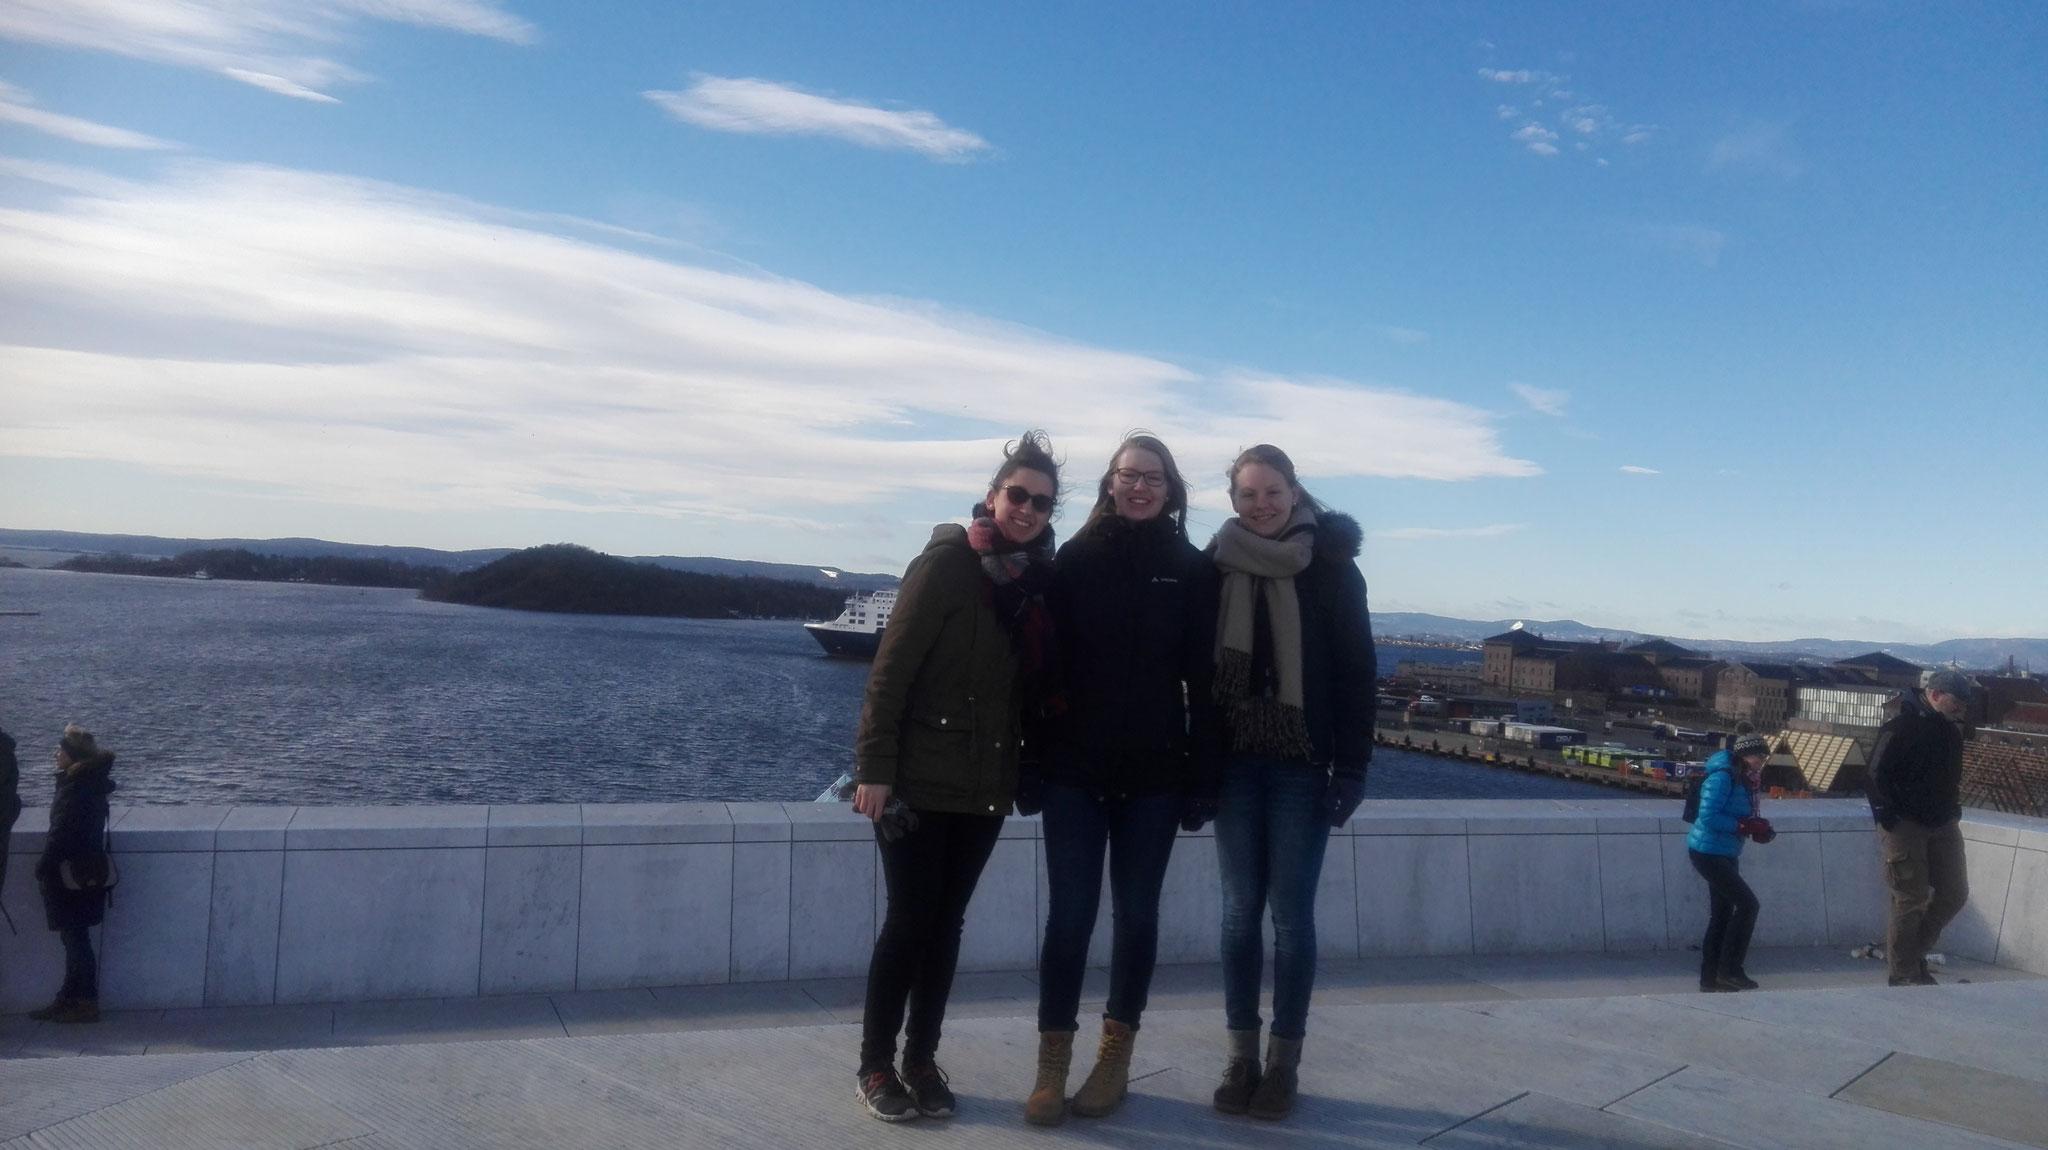 Raphaela Polk, Anne Hemken und Maris Lohmöller in Oslo